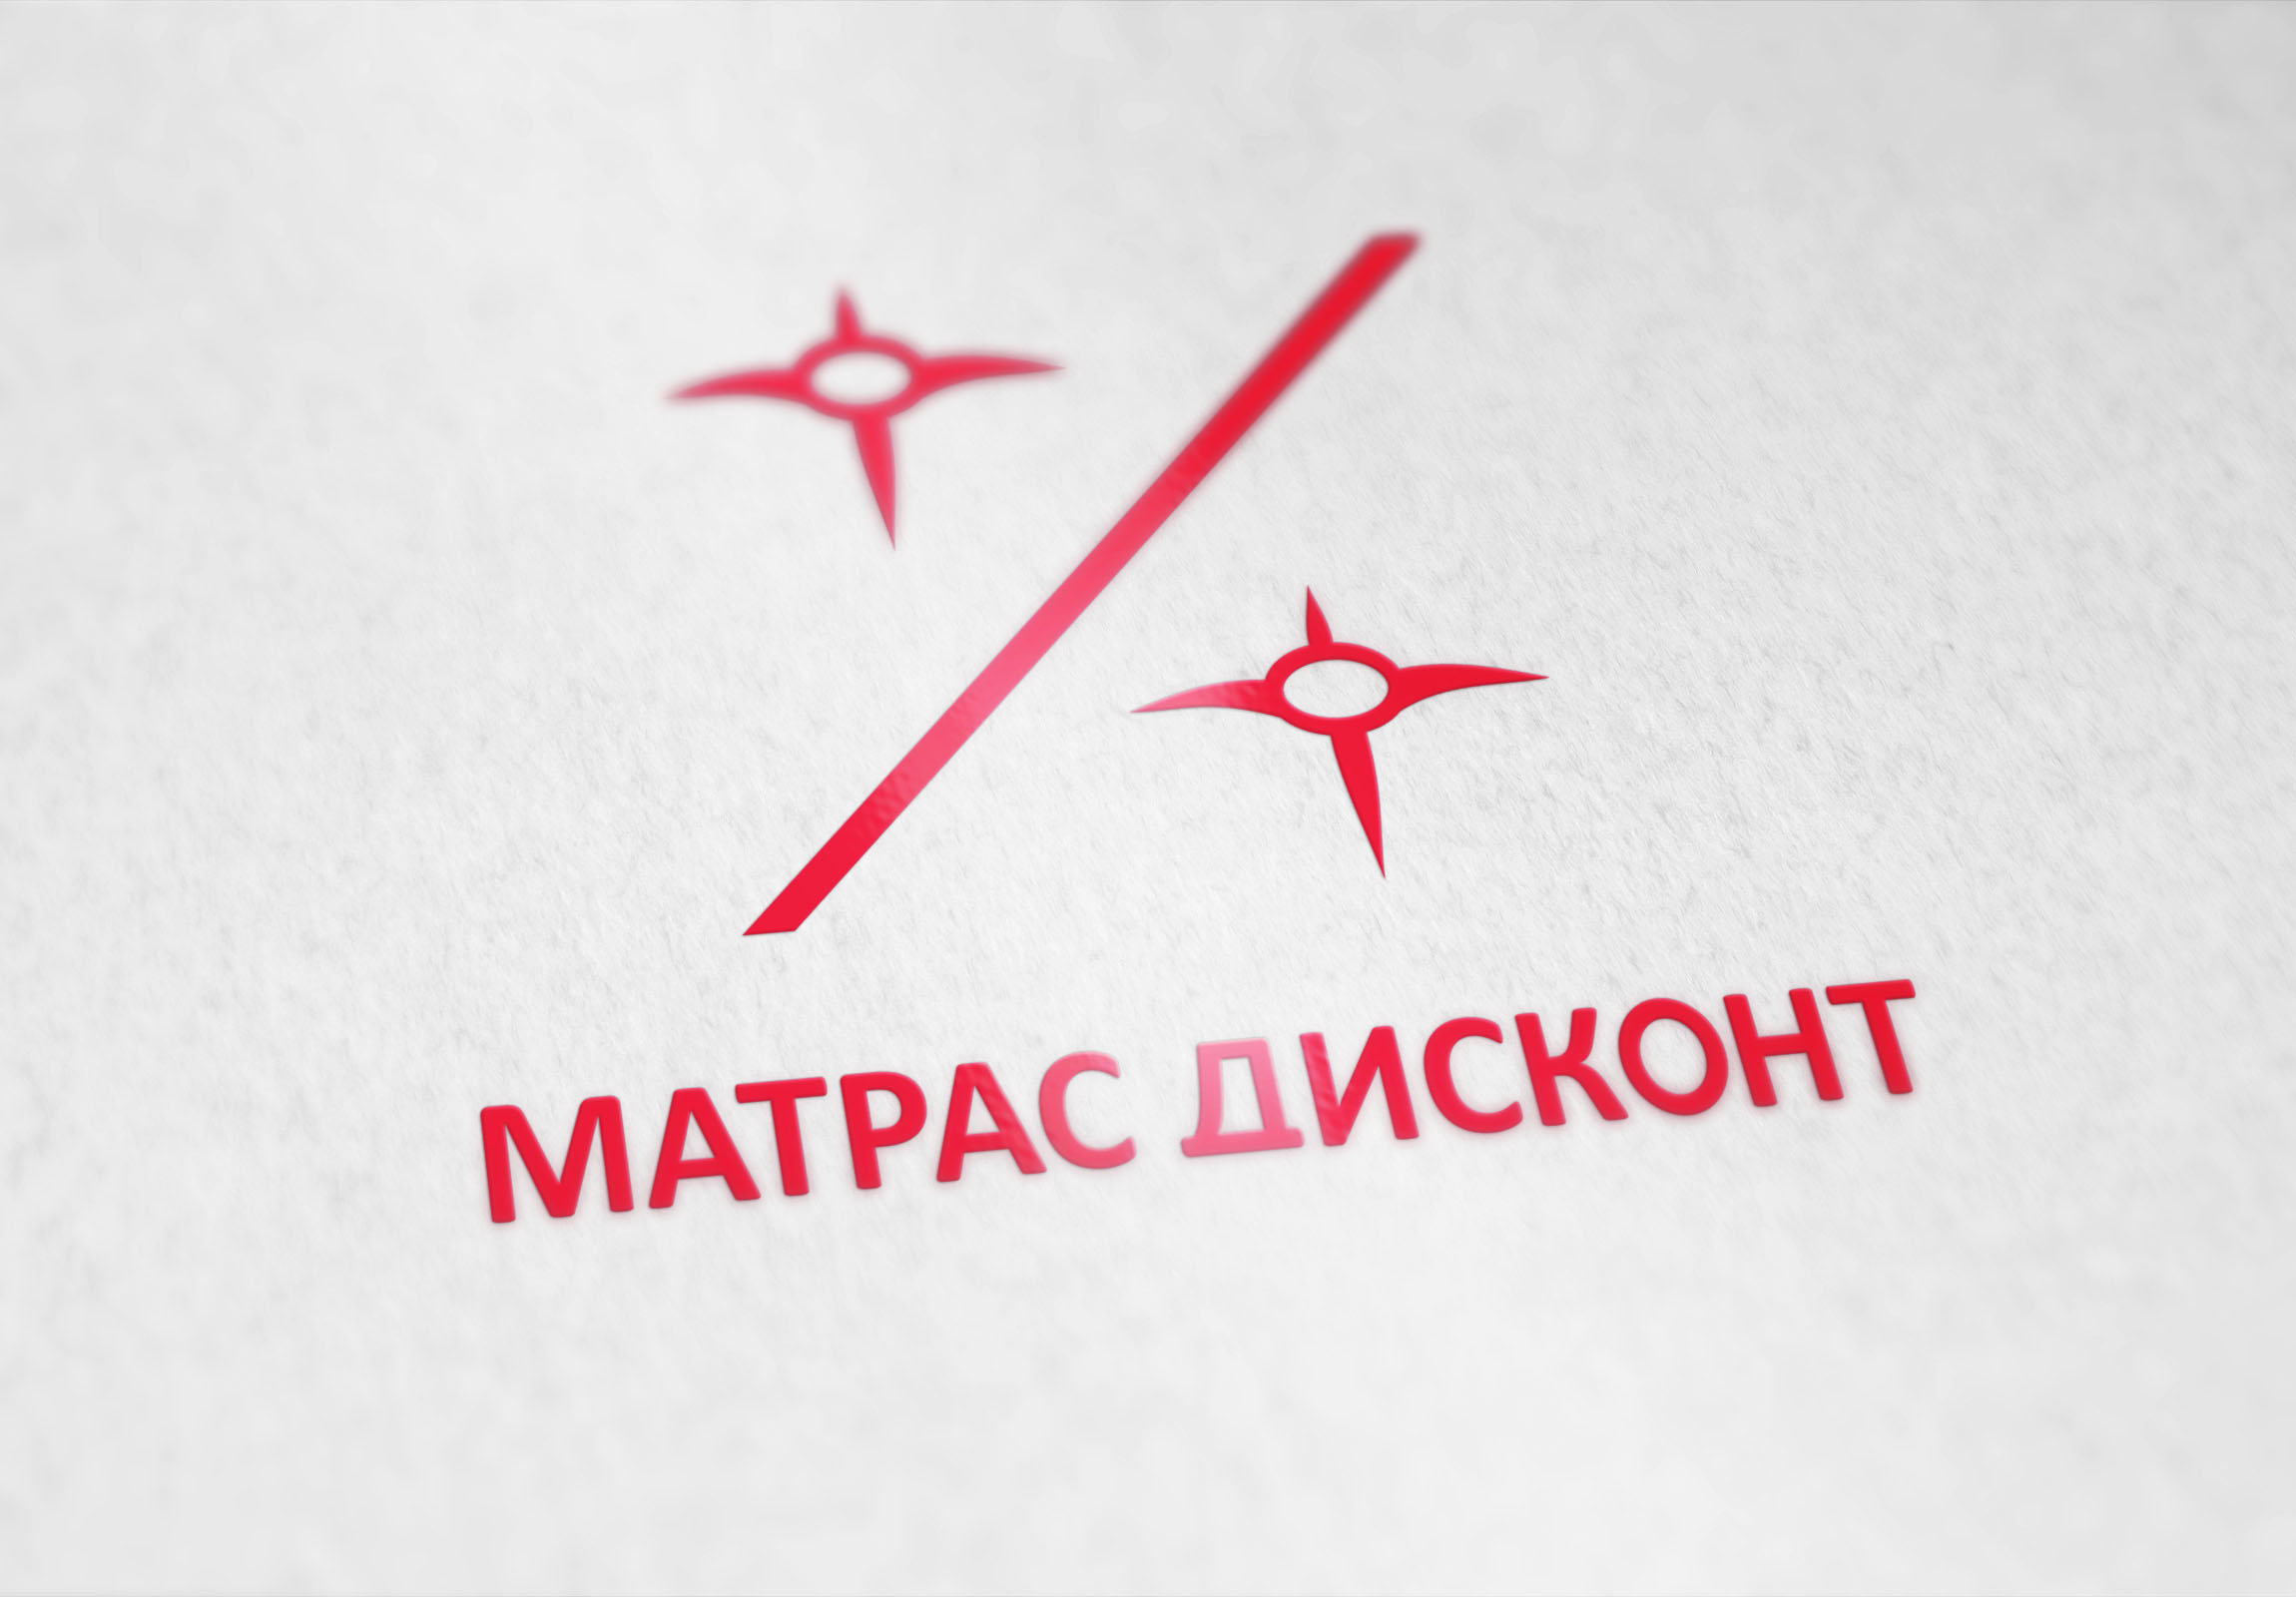 Логотип для ИМ матрасов фото f_6035c974f456f438.jpg